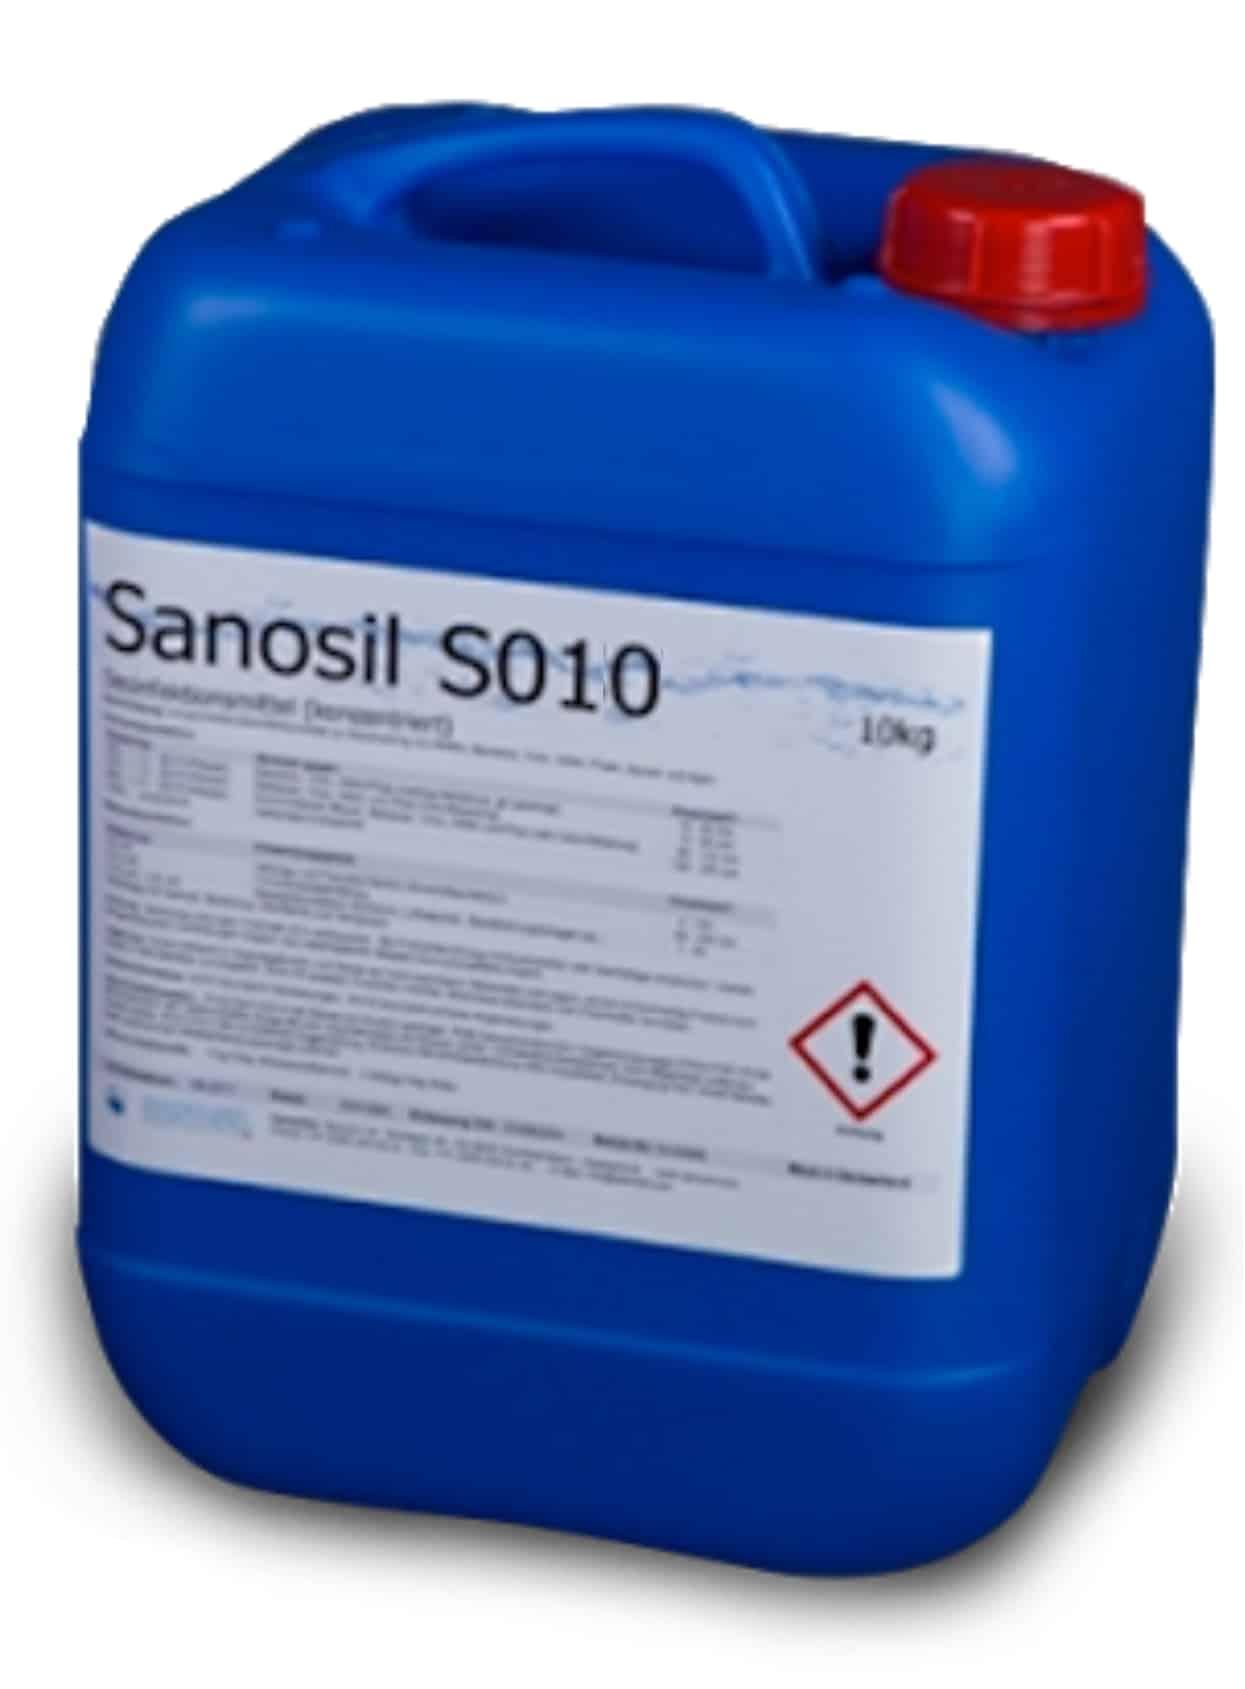 Covid-19 dispositivi di protezione | Elettrogruppo ZeroUno | Torino | sanosoil s010 ricarica